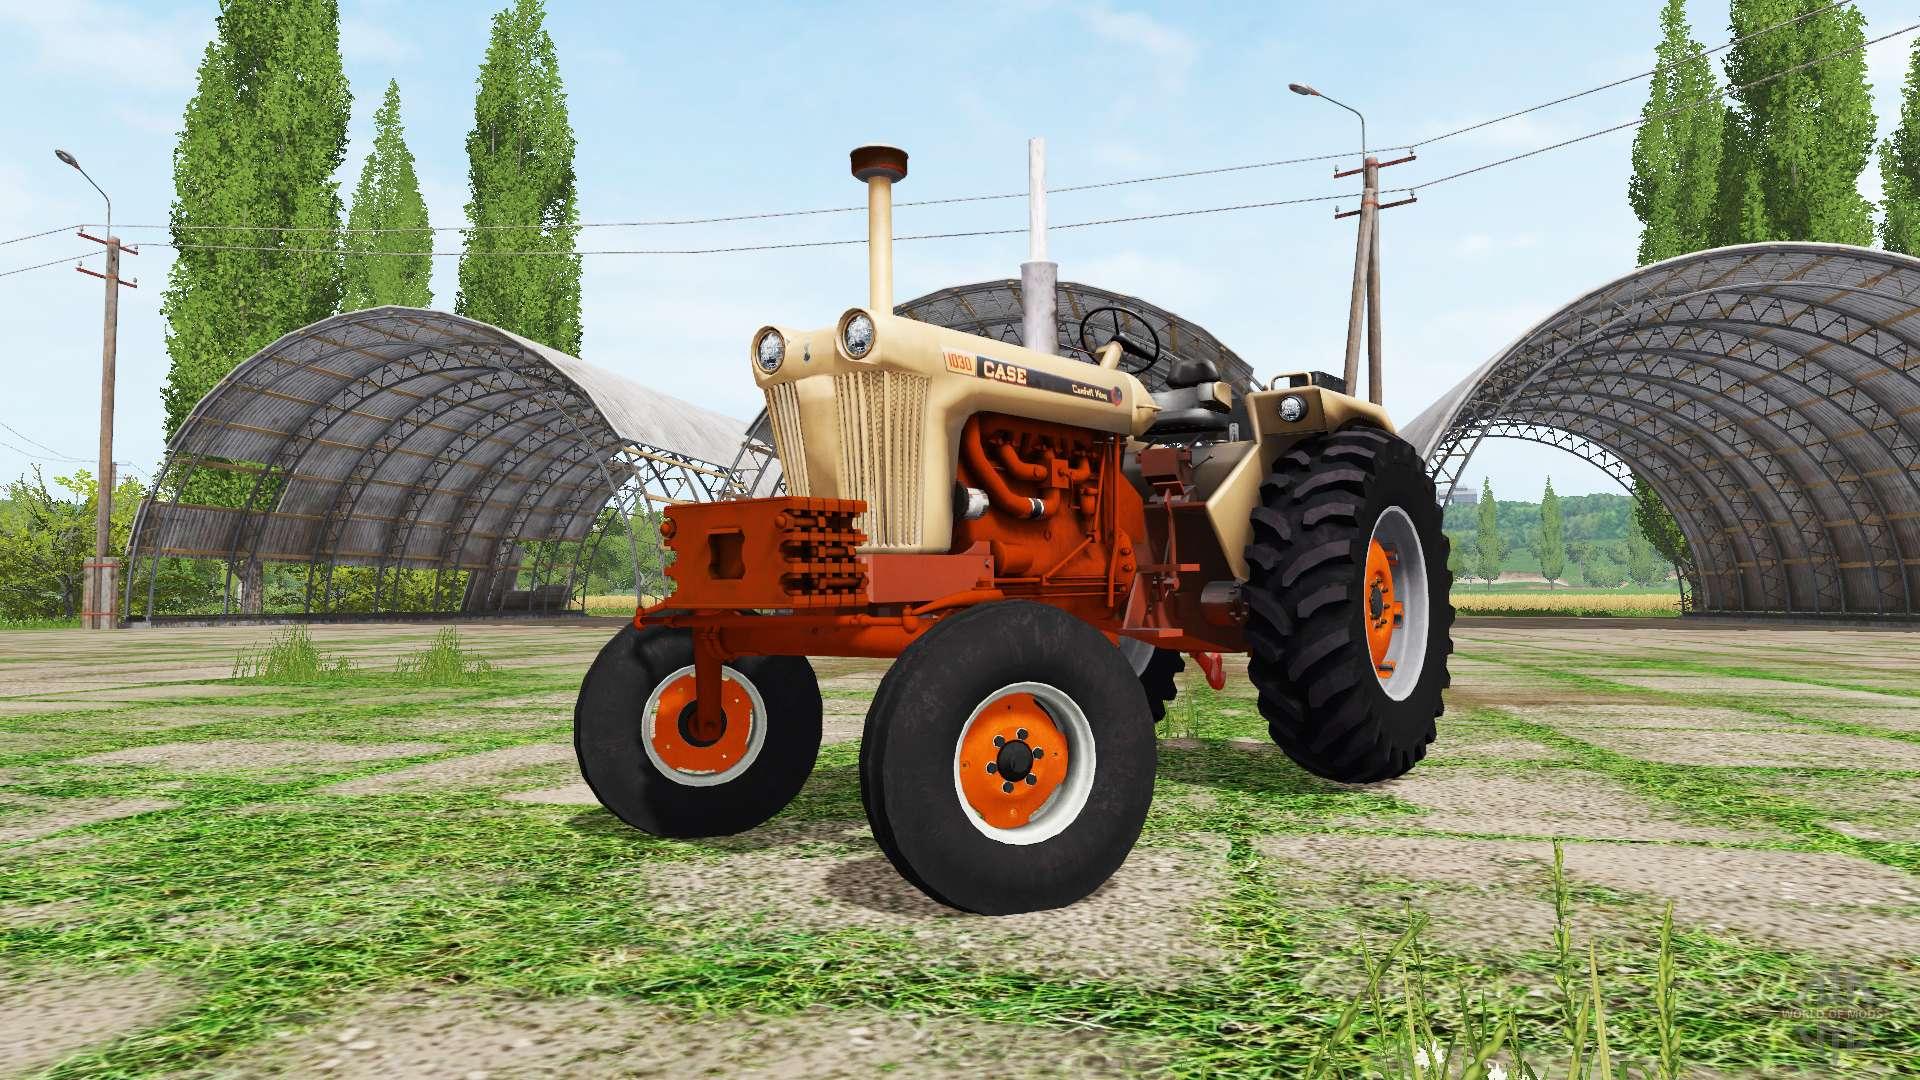 Технические характеристики тракторов | ЖЕЛЕЗНЫЙ-КОНЬ.РФ